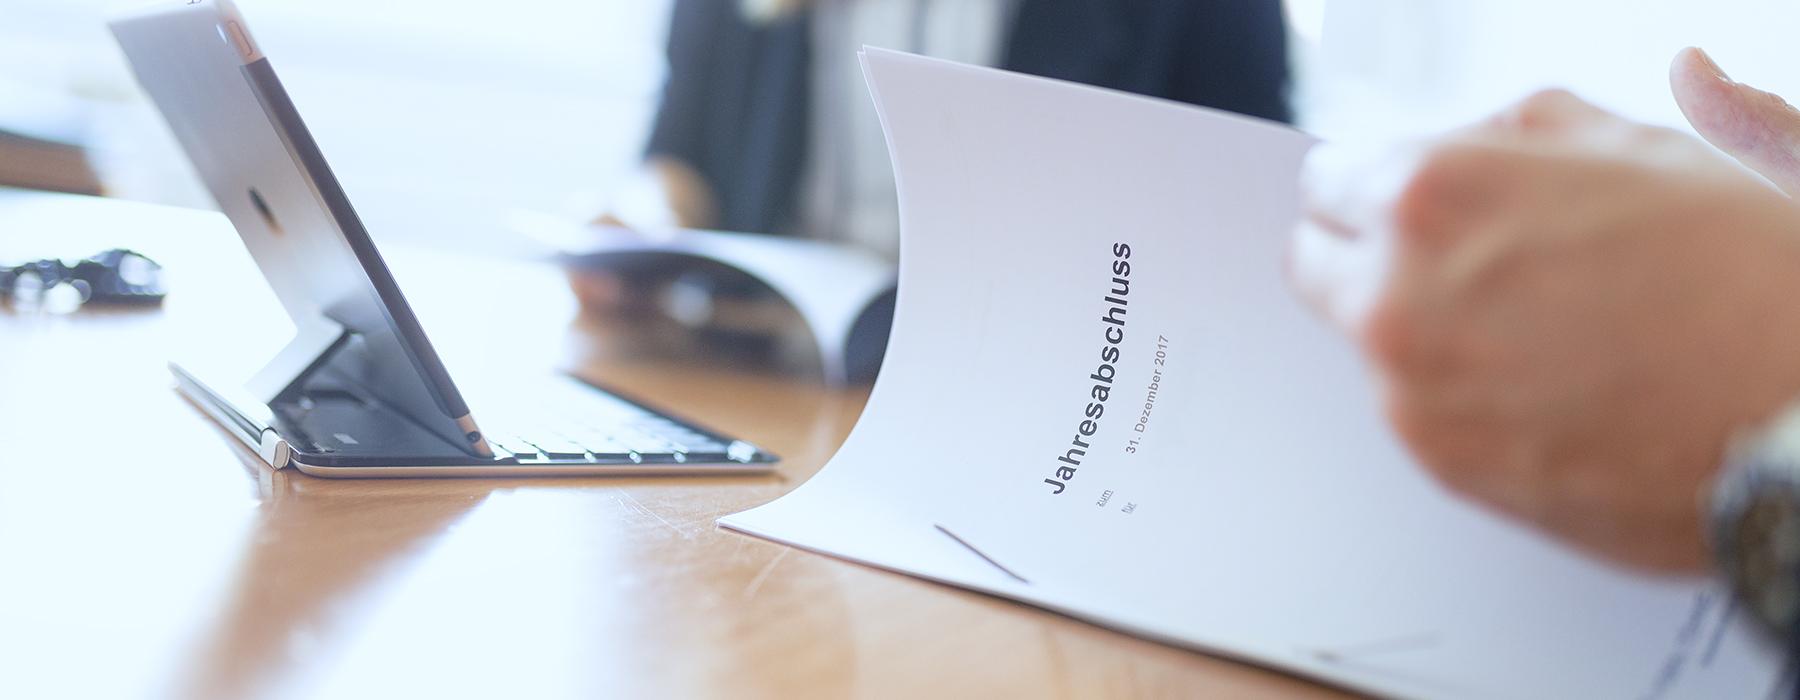 Jahresabschluss für alle Unternehmen und Branchen